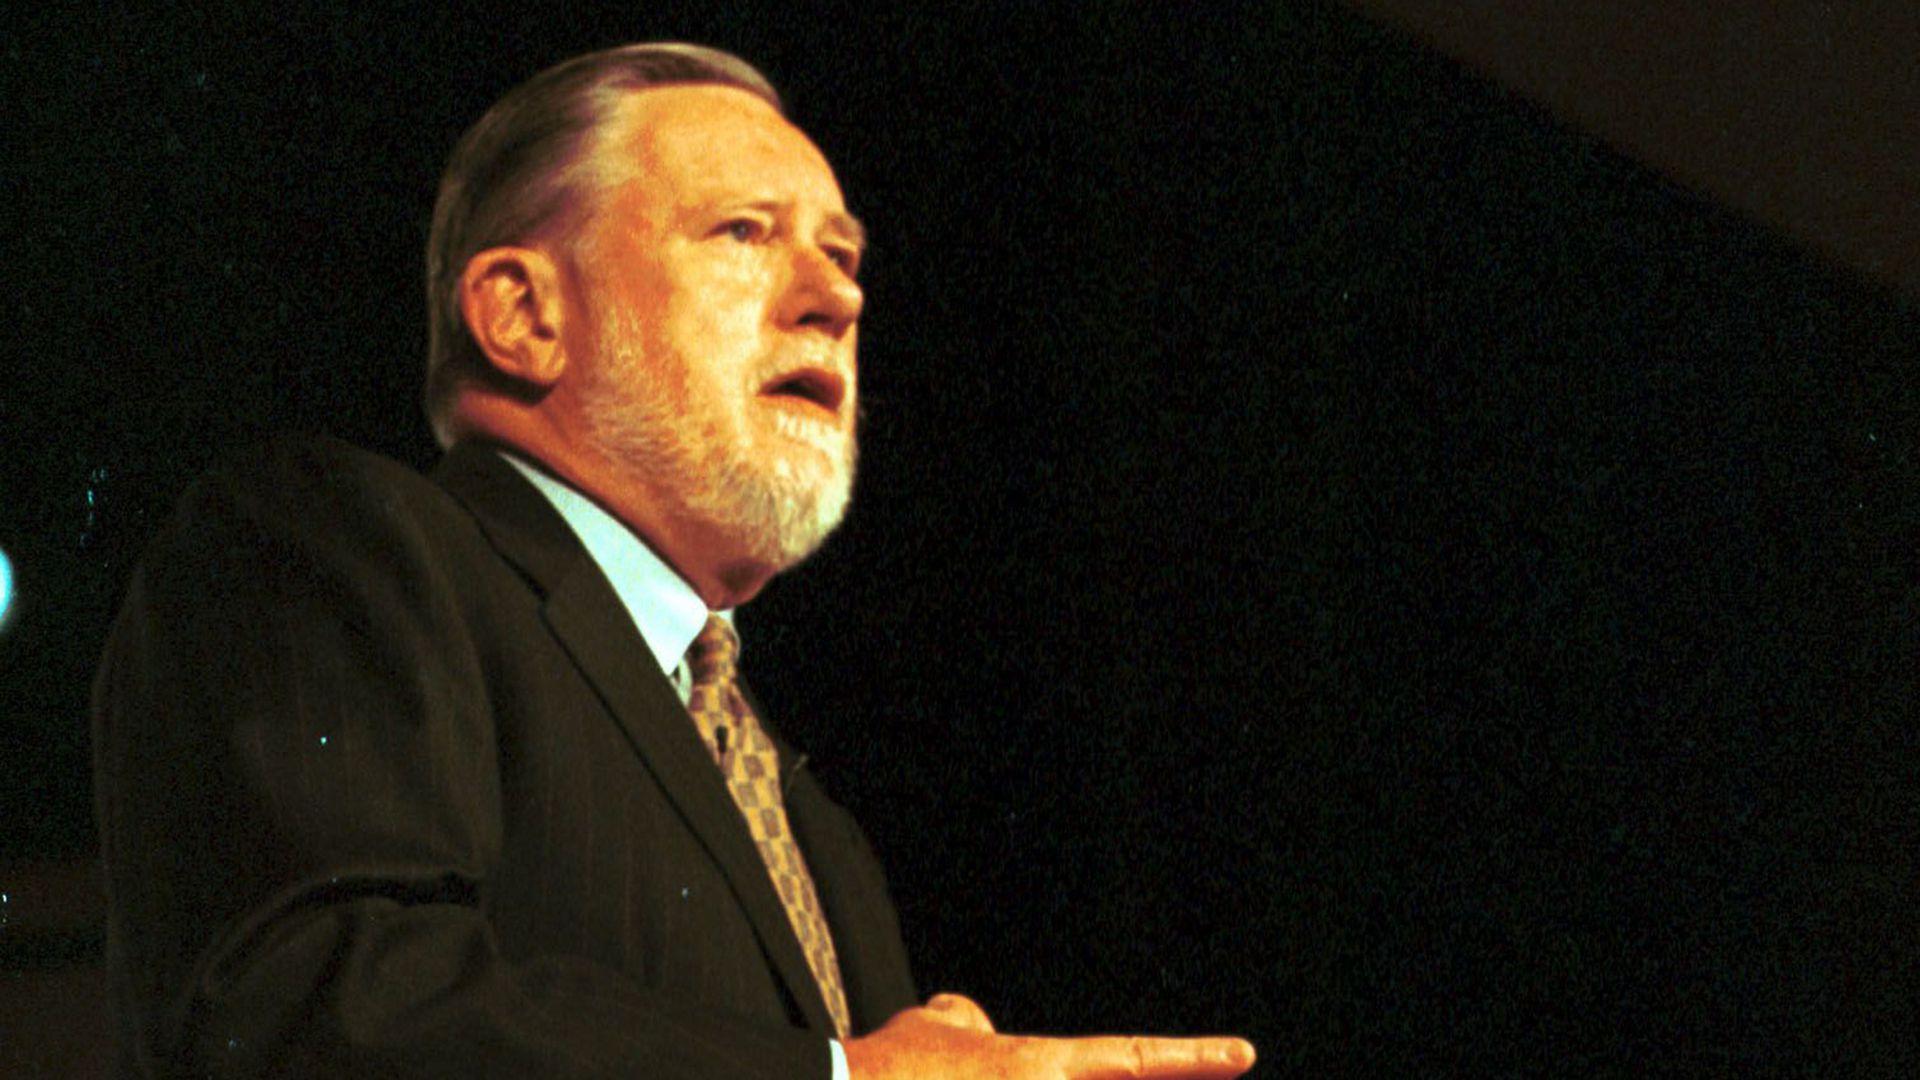 Chuck Geschke